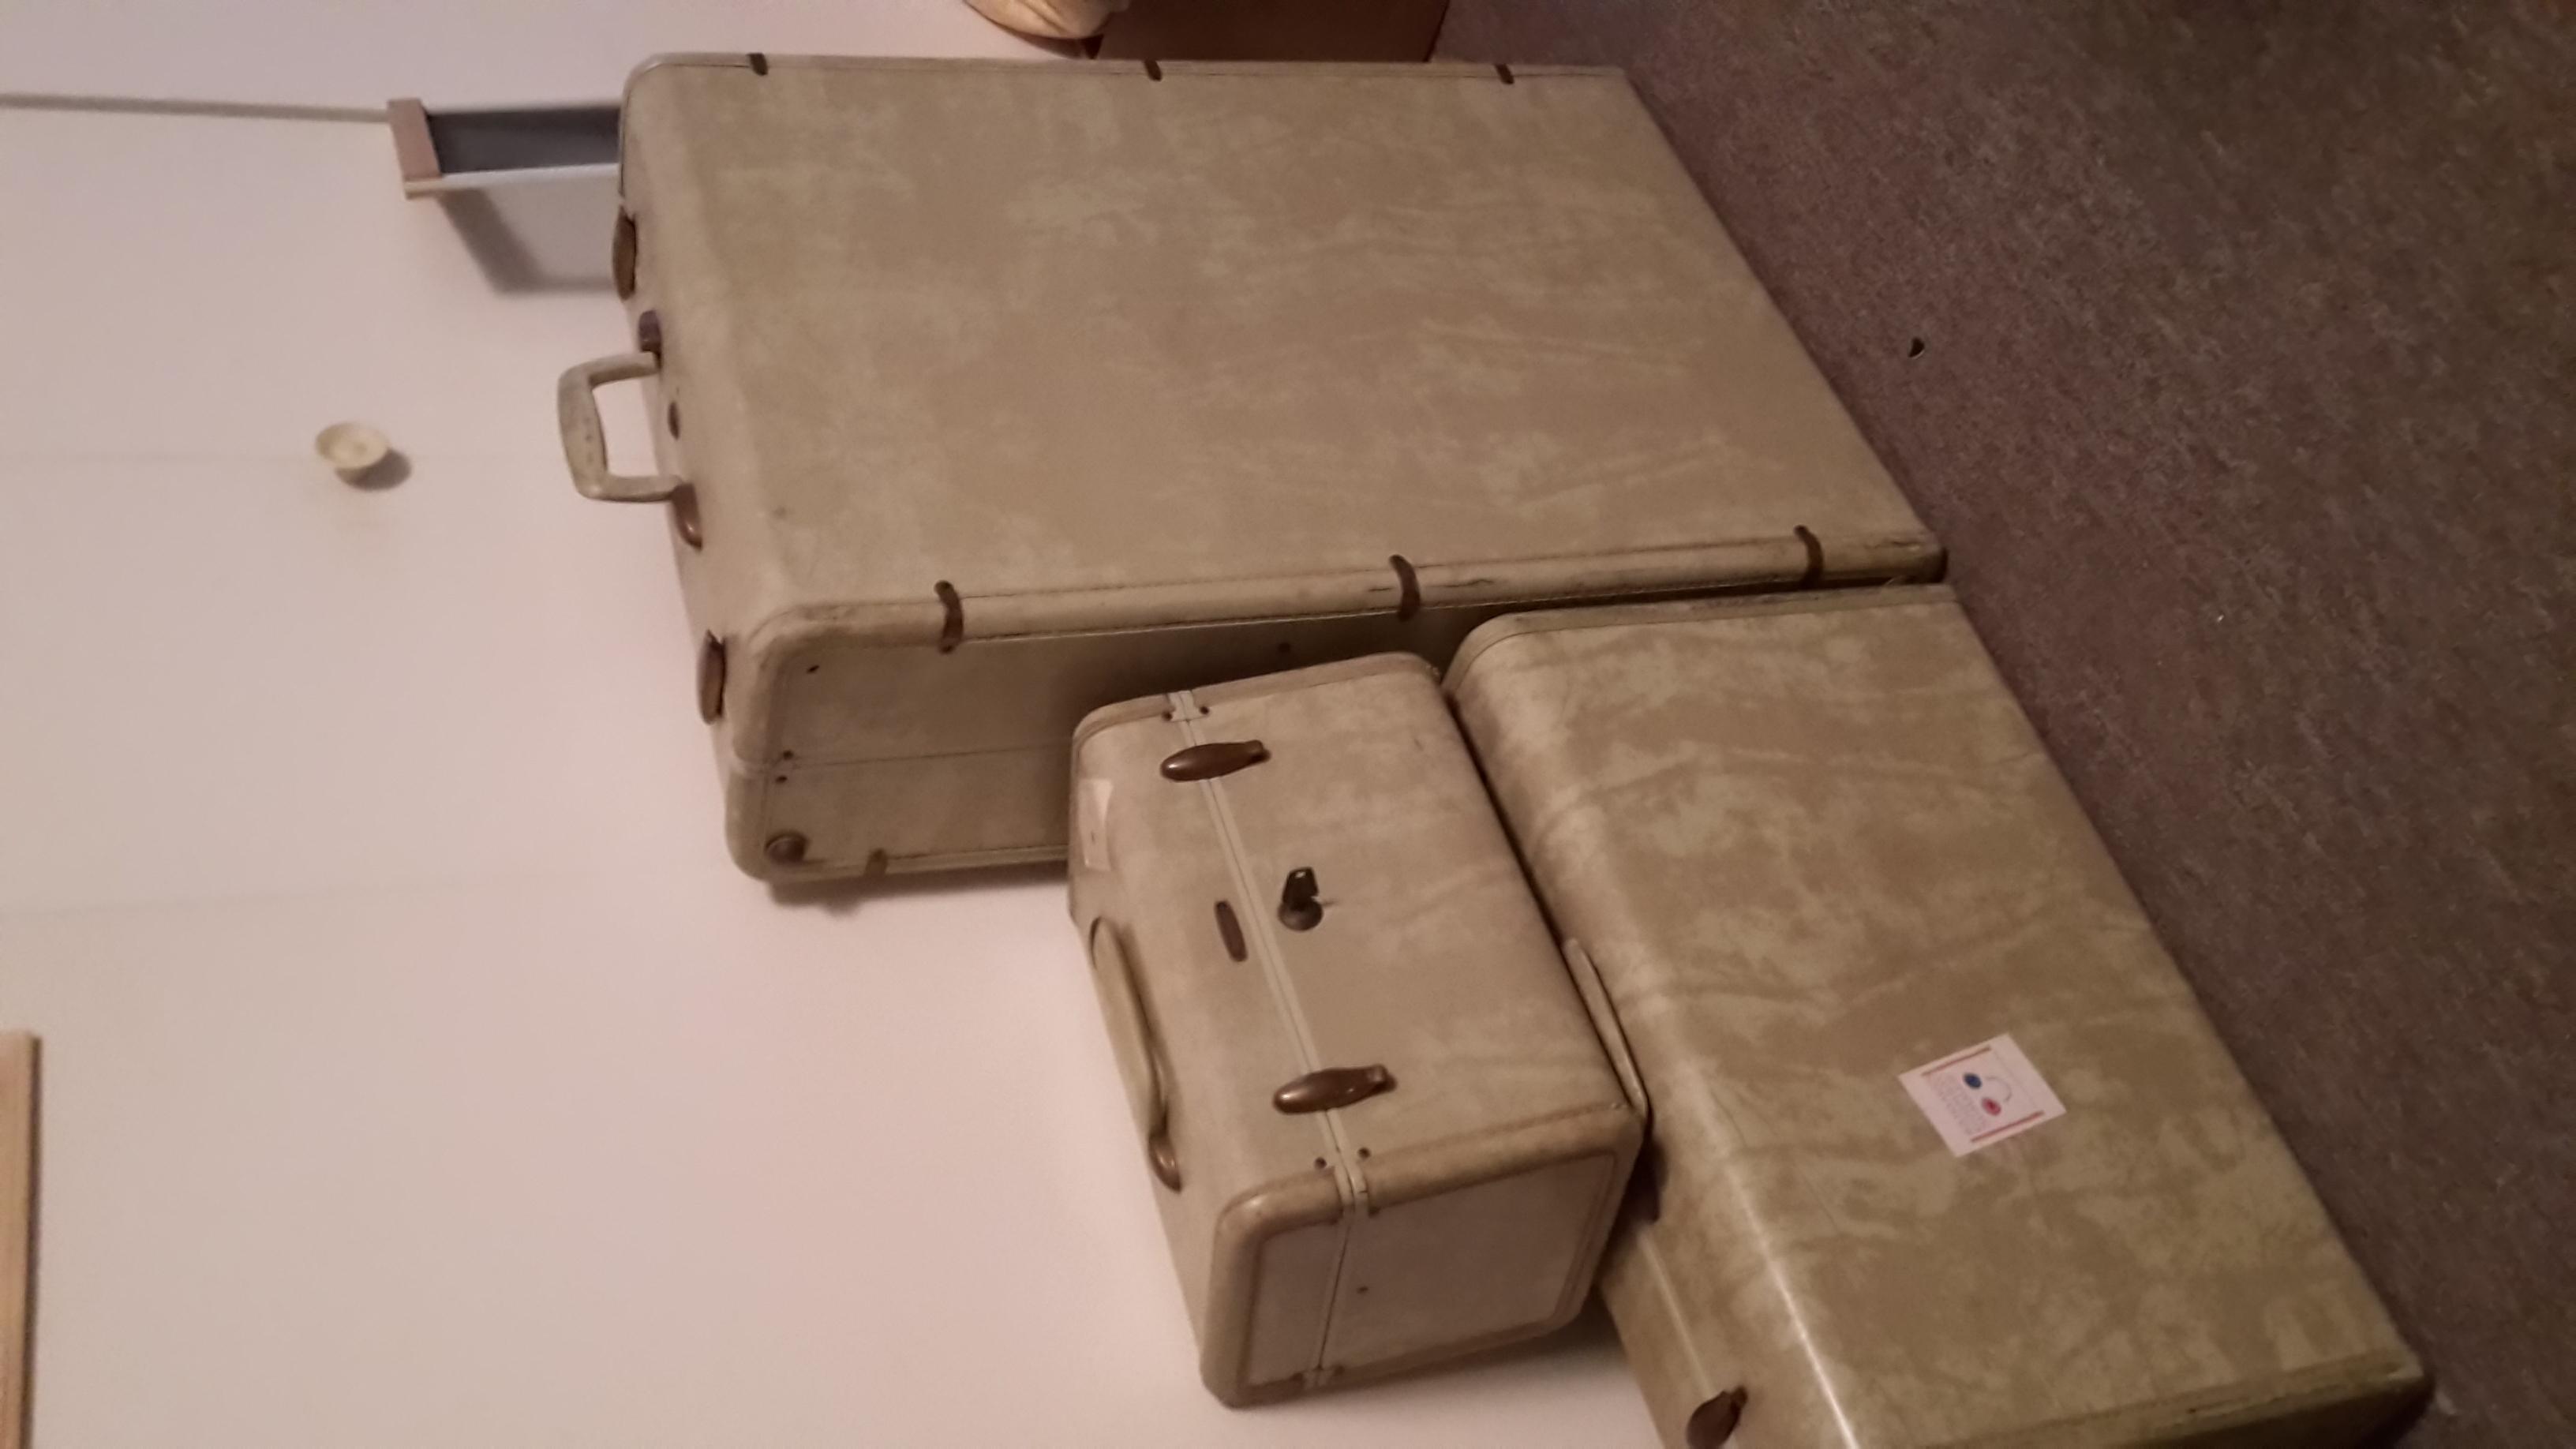 20150710_192807.jpg Luggage.jpg